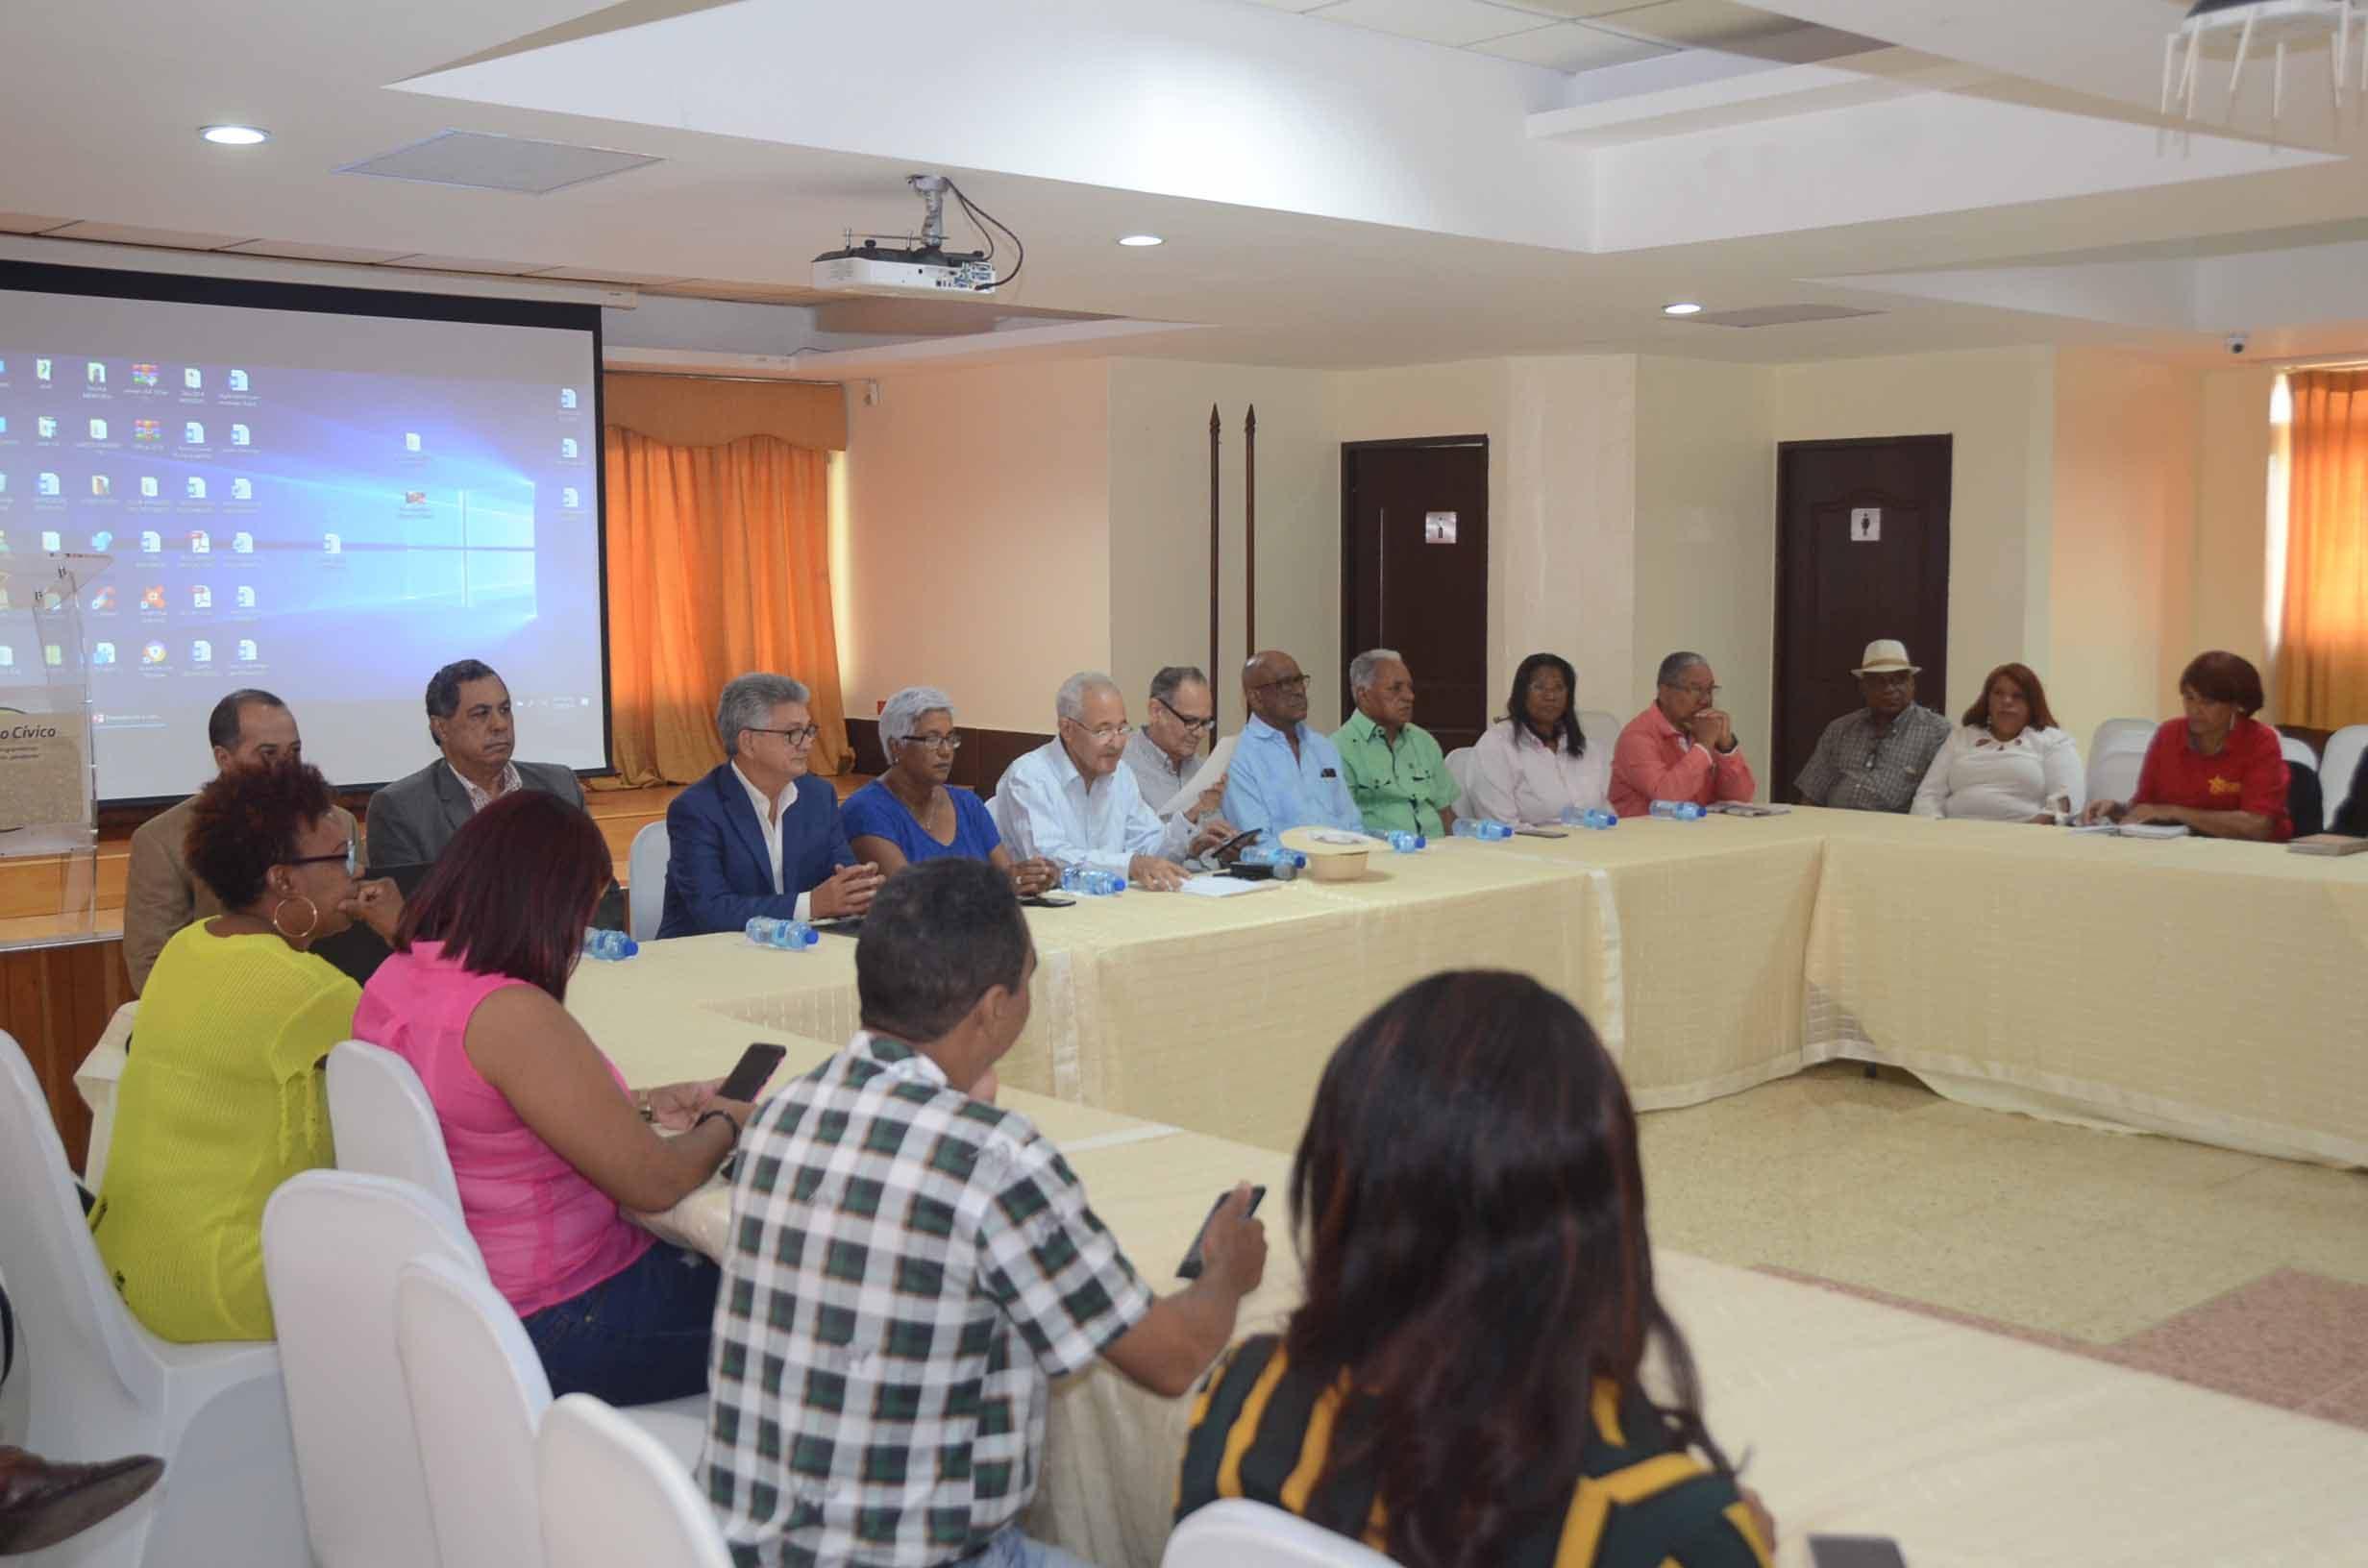 """Seminario """"Propuestas programáticas para la transición pendiente"""" En COOPNAMA, Miraflores. 22-9-2019 HOY / Ariel Gómez"""